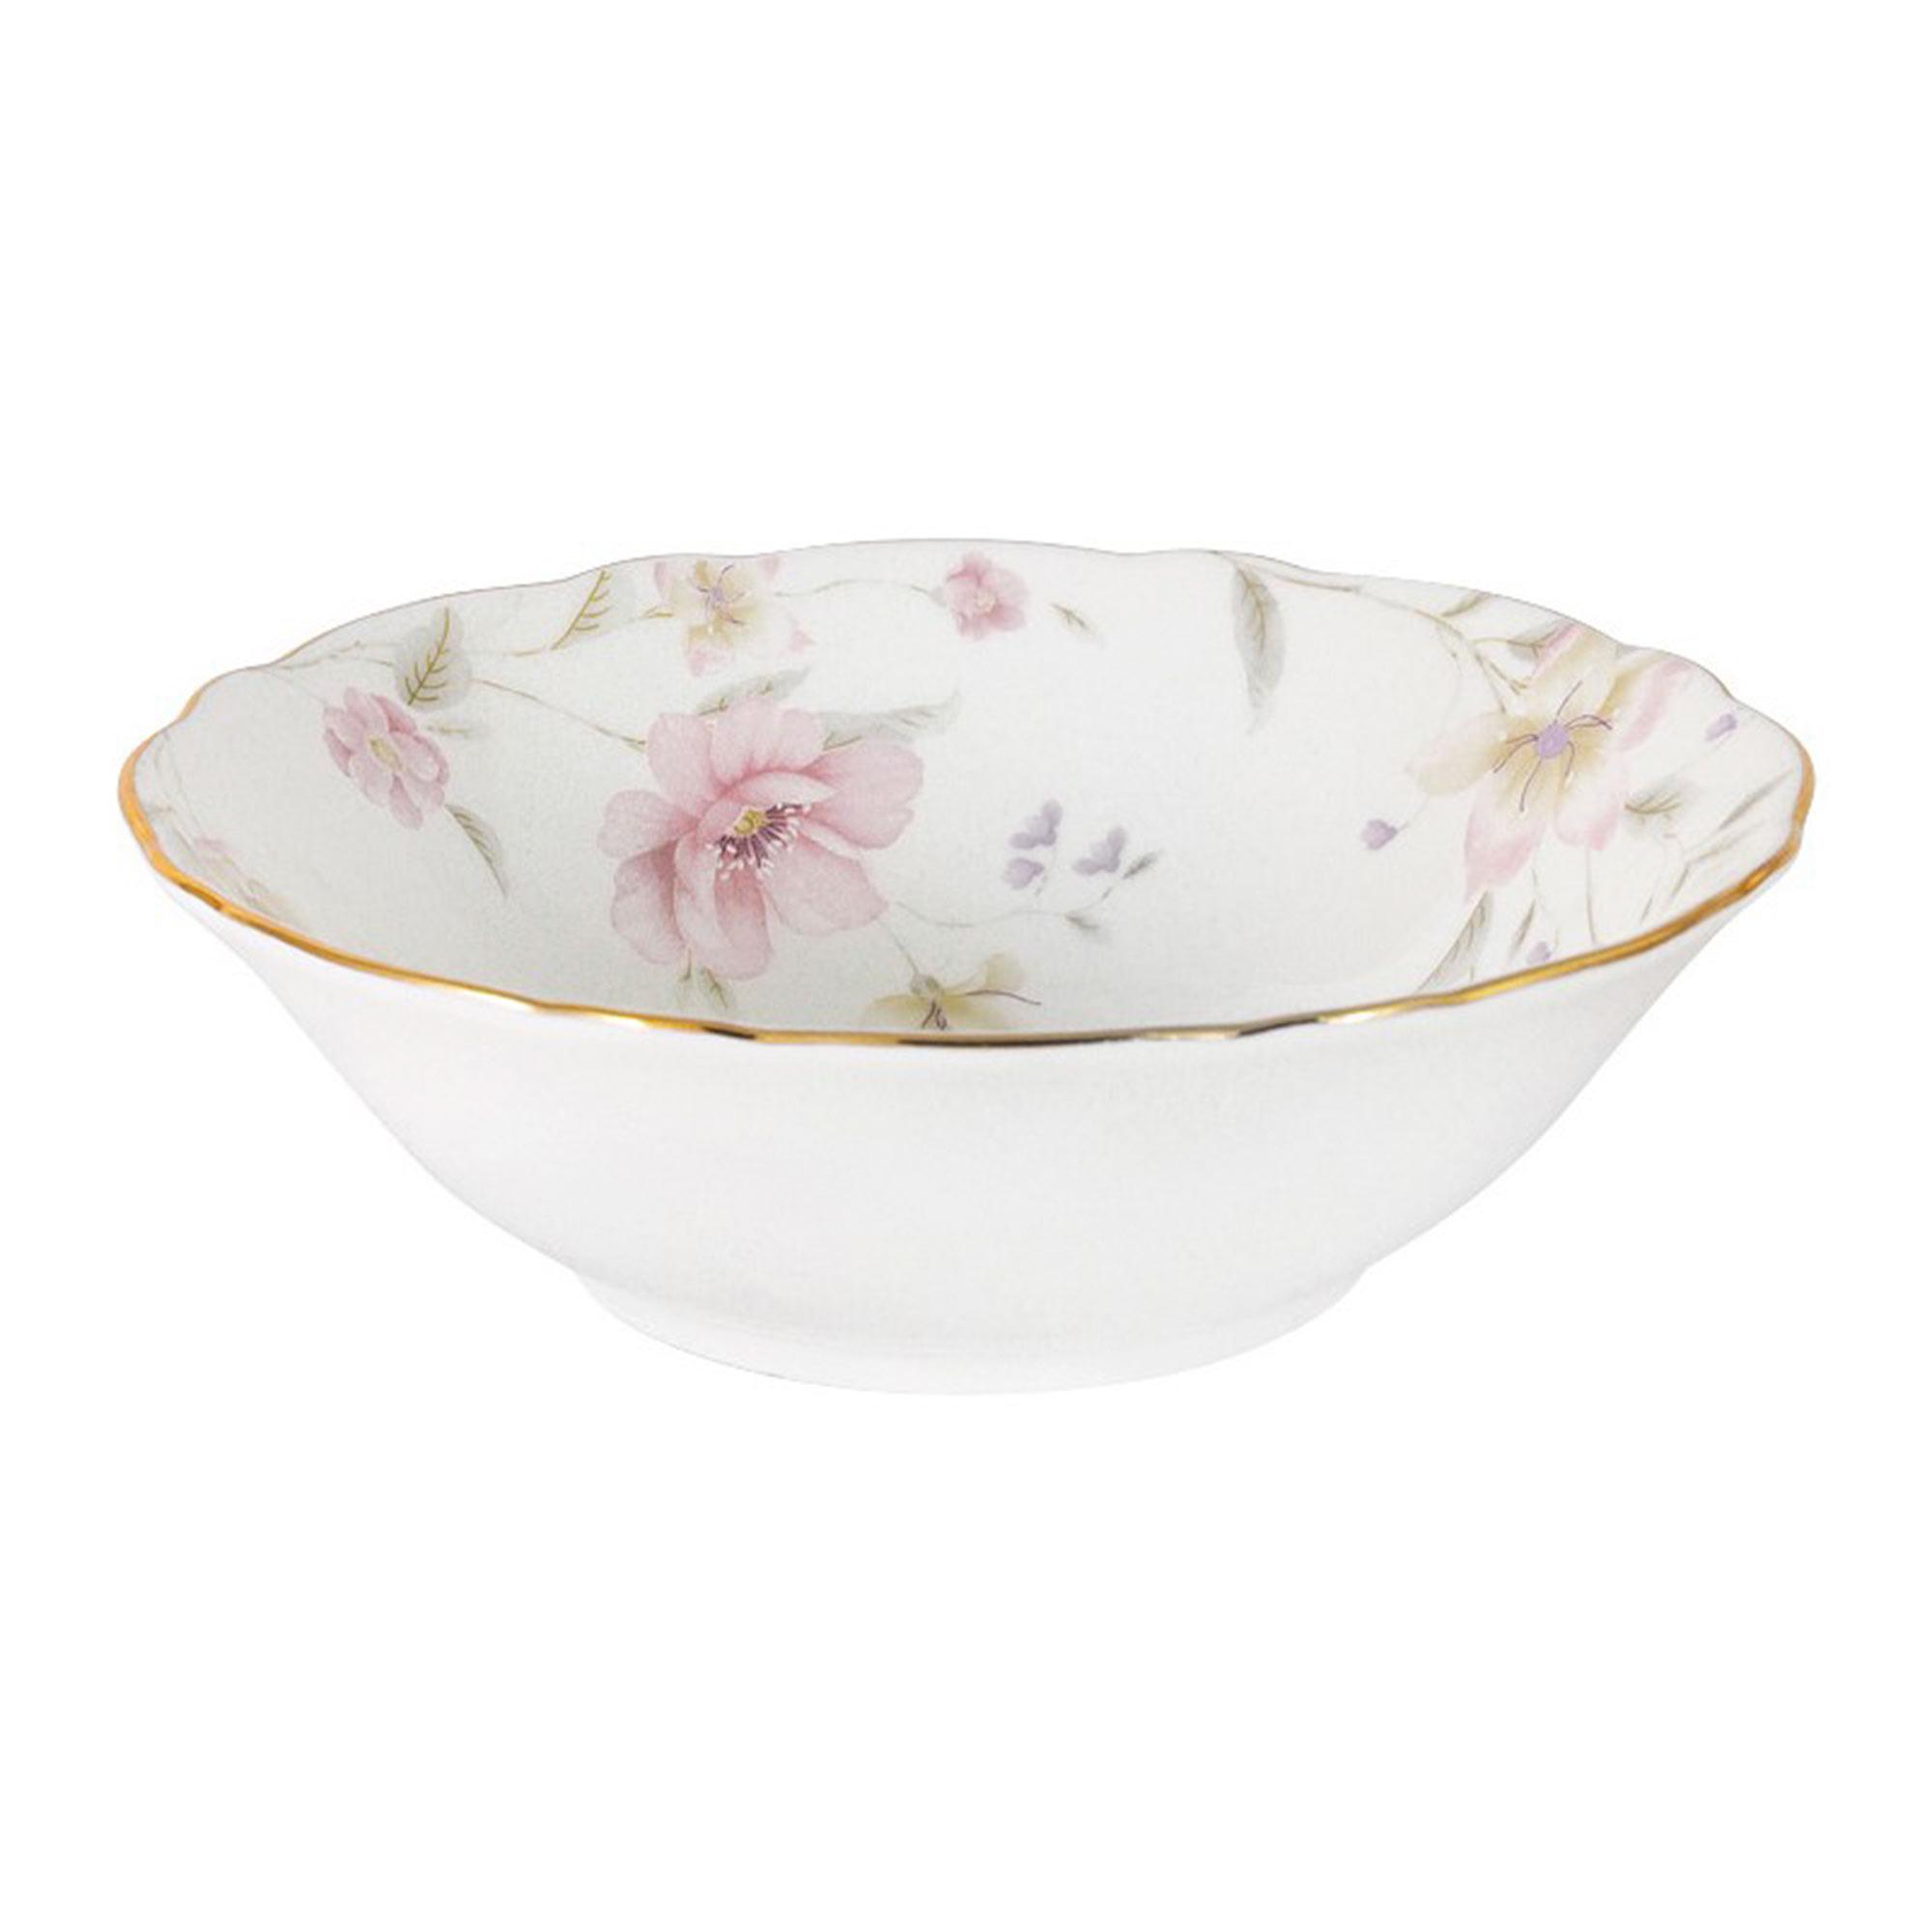 Салатник малый Anna Lafarg Розовый танец 350 мл 15 см тарелка закусочная anna lafarg emily kamelia 19 см